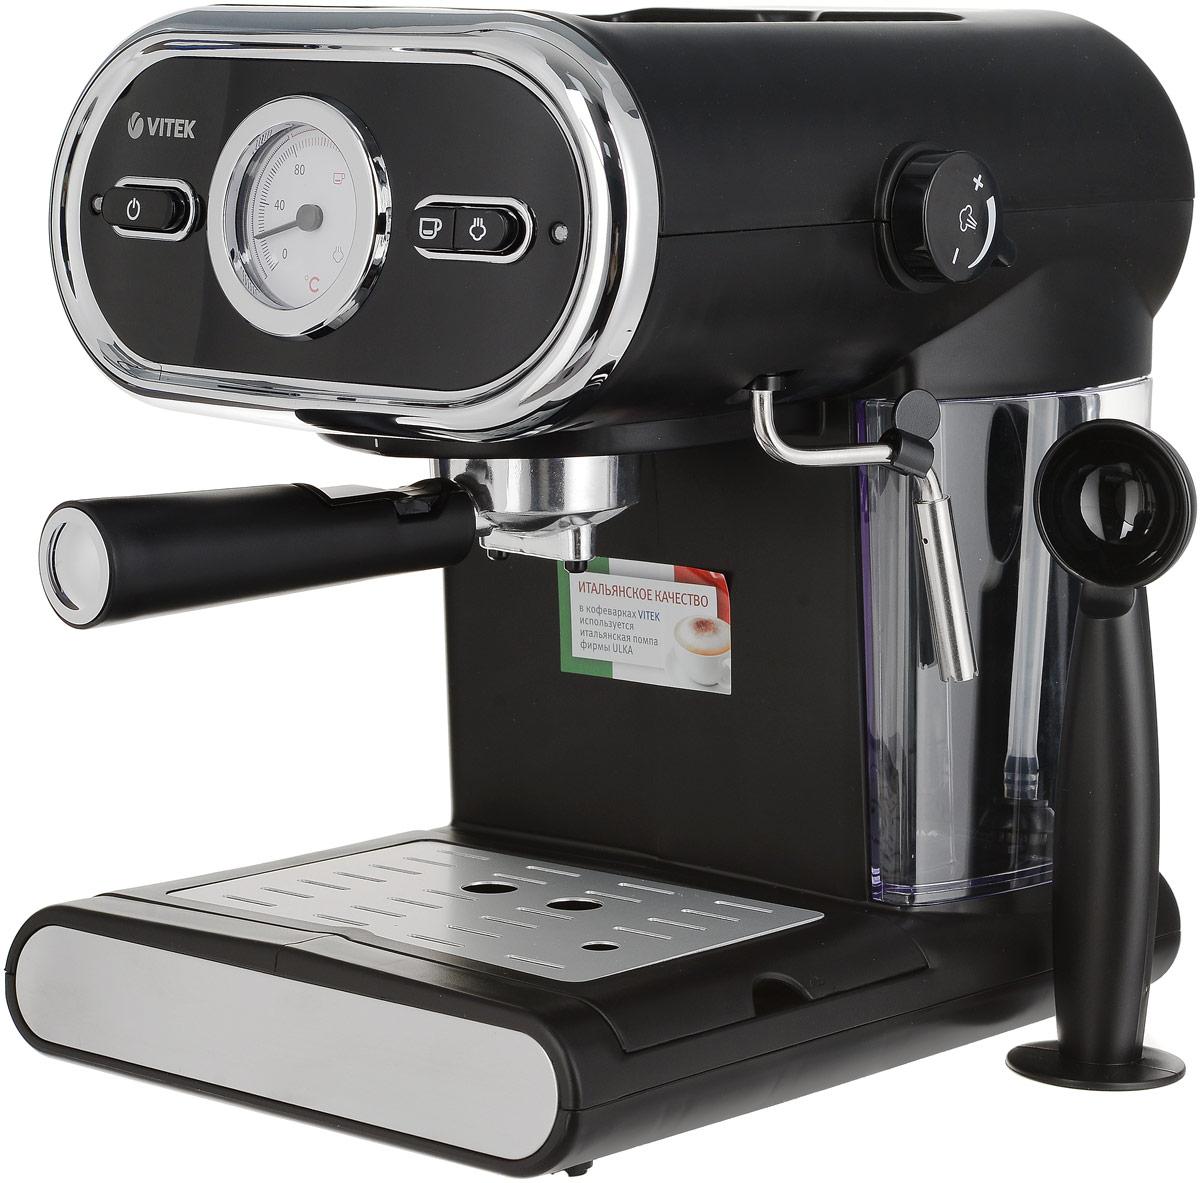 Vitek VT-1525(BK) кофеваркаVT-1525(BK)Предпочитаете по утрам выпивать чашечку вкусного кофе? Тогда предлагаем вам функциональную кофеварку Vitek VT-1525 (BK)! Всего за несколько минут вы можете приготовить традиционный эспрессо, а воспользовавшись функцией подачи пара, вам не составит труда сделать молочную пену для горячего шоколада и капучино. Датчик кофеварки позволяет контролировать температуру для получения оптимальной экстракции кофе. Чтобы кофе быстро не остывал в чашке, вам предлагается воспользоваться функцией подогрева чашек.